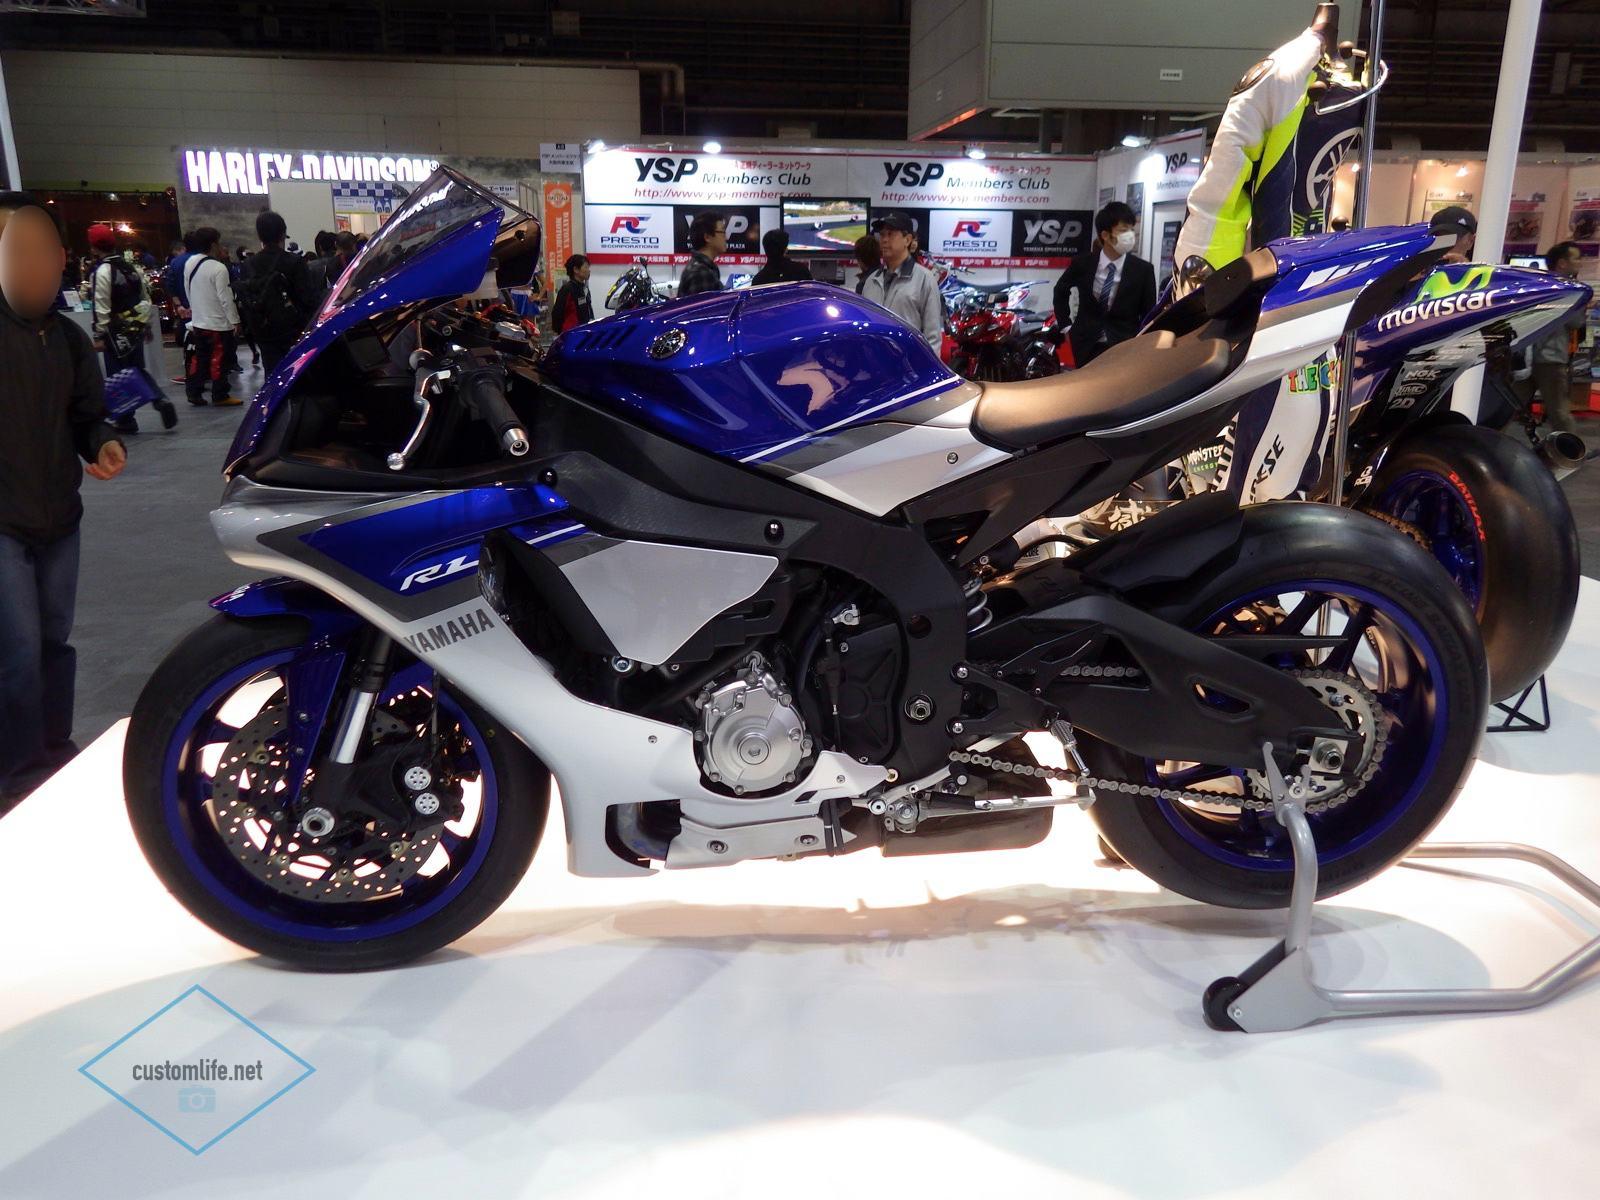 MotorcycleShow 2015 Osaka 109